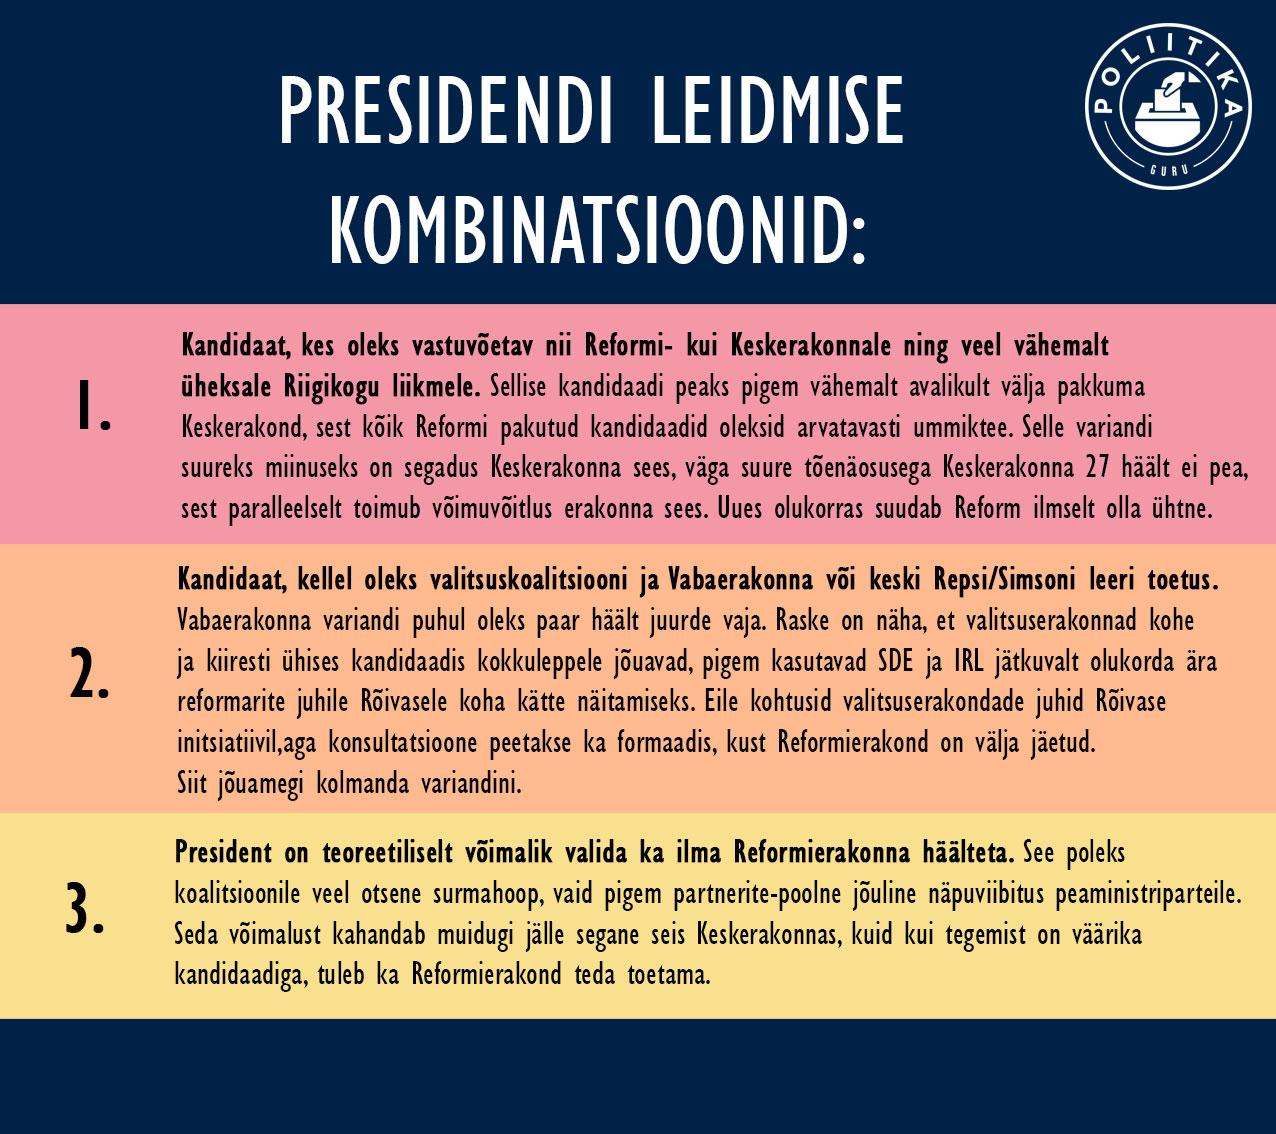 presidendi-leidmise-voimalused